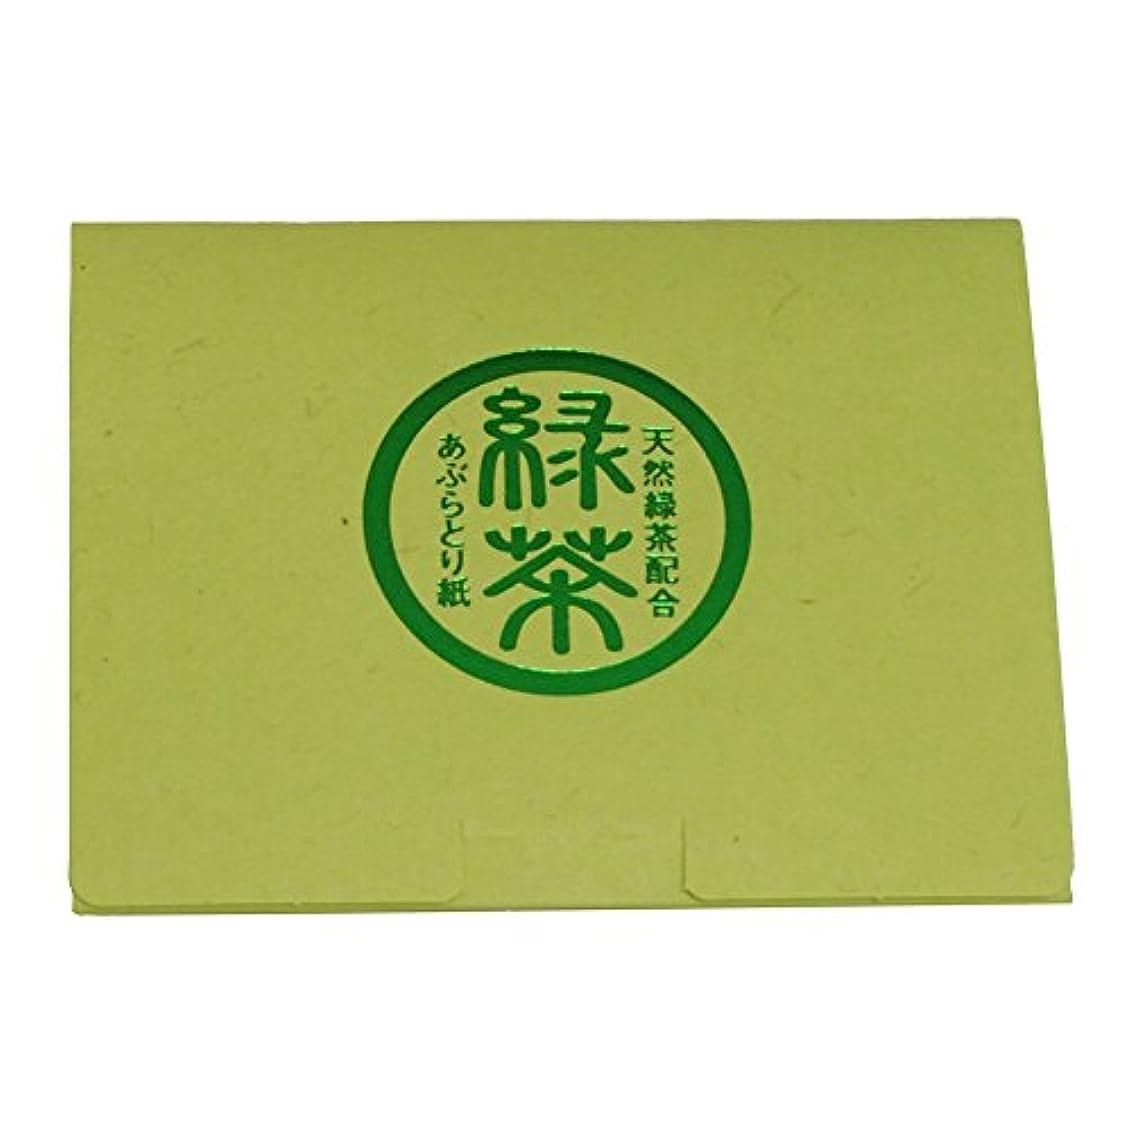 合唱団適切にクリスマス米長 天然緑茶配合 あぶらとり紙 高級 日本製 100枚入り 5個セット